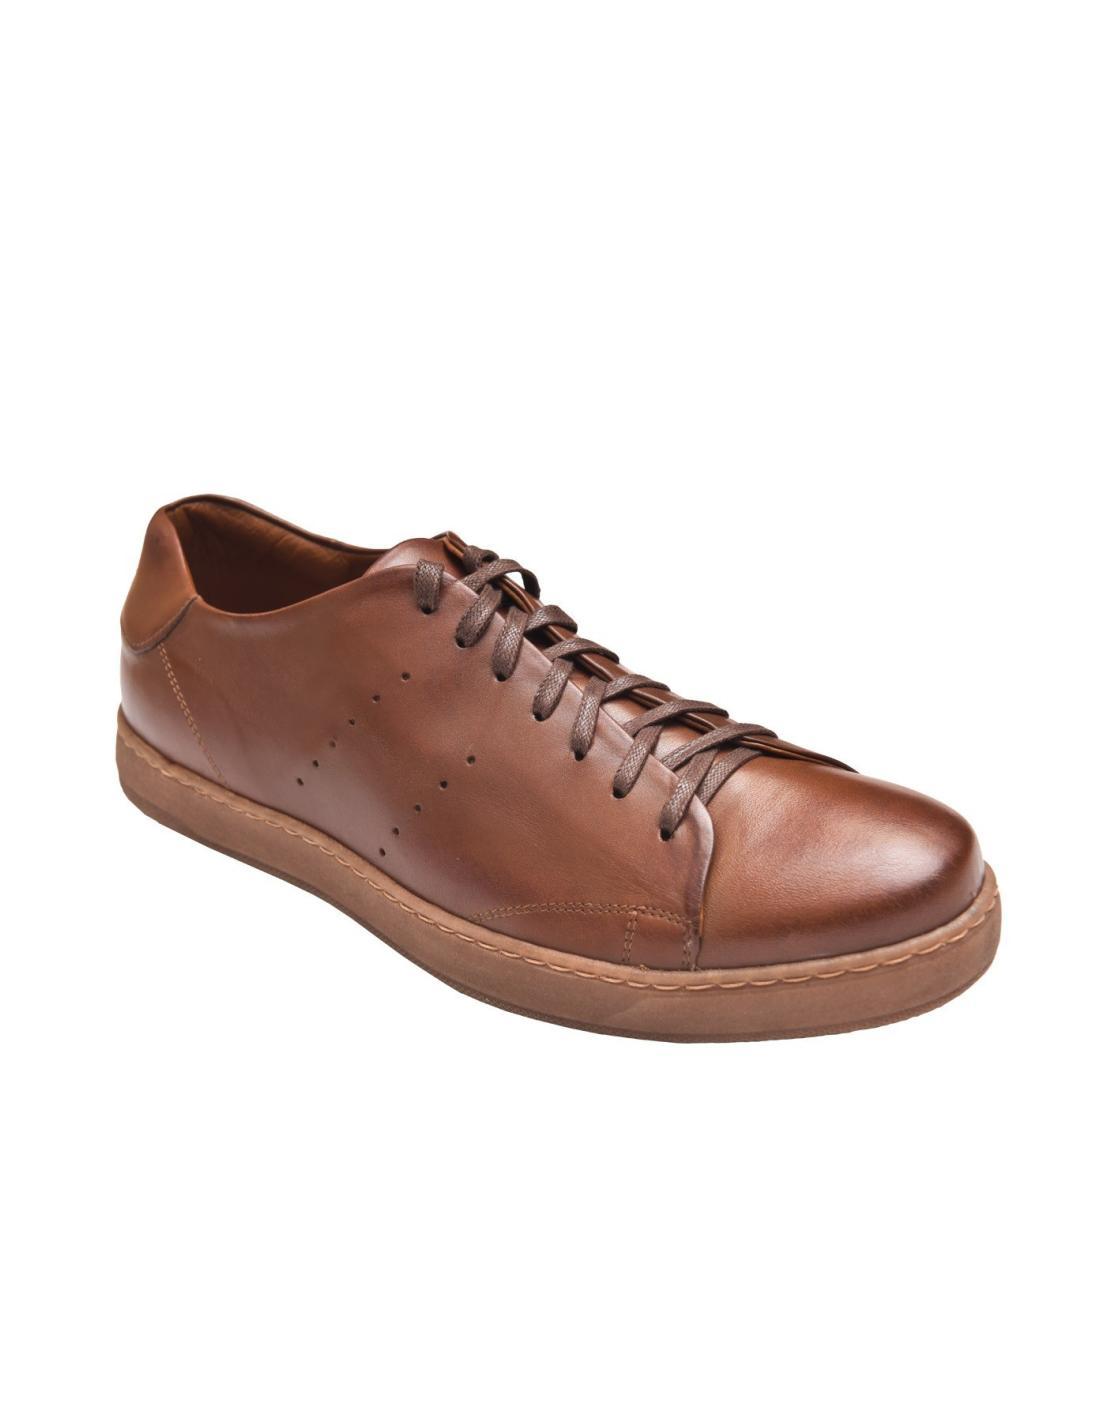 Buty Sportowe Brazowe Sneakers Model T 1 4787 Pawo